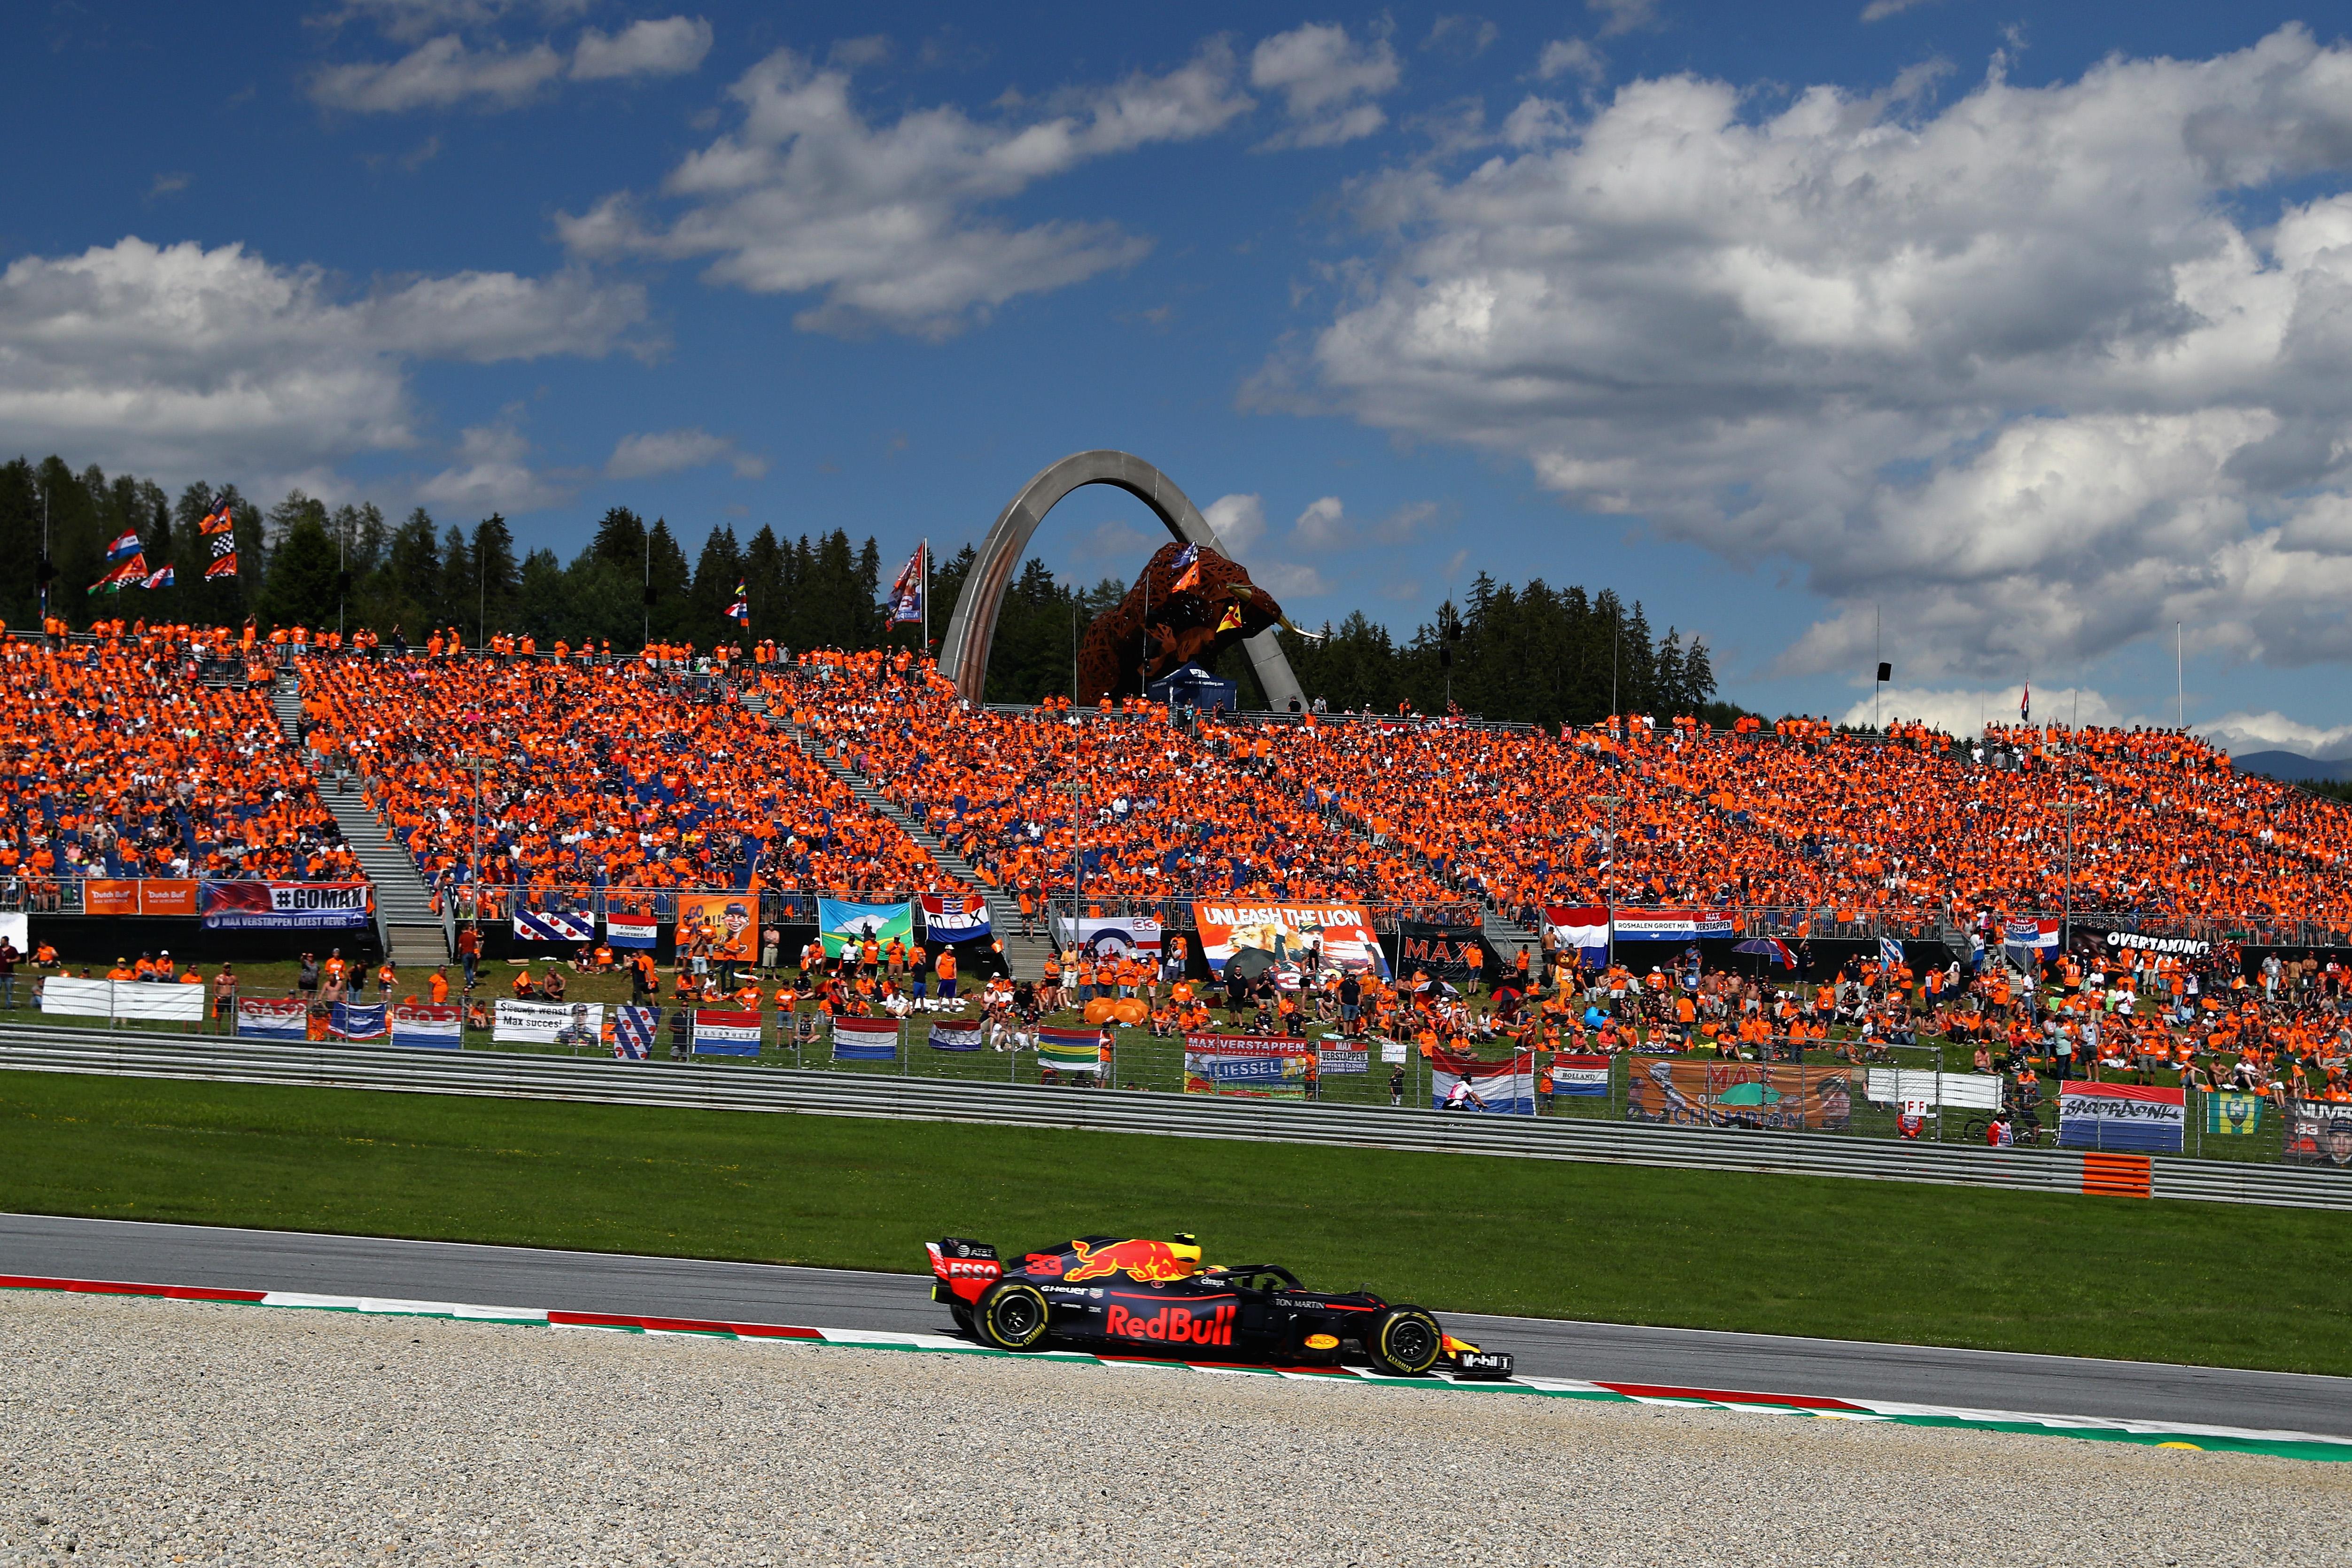 Formule 1 Grand Prix of Austria